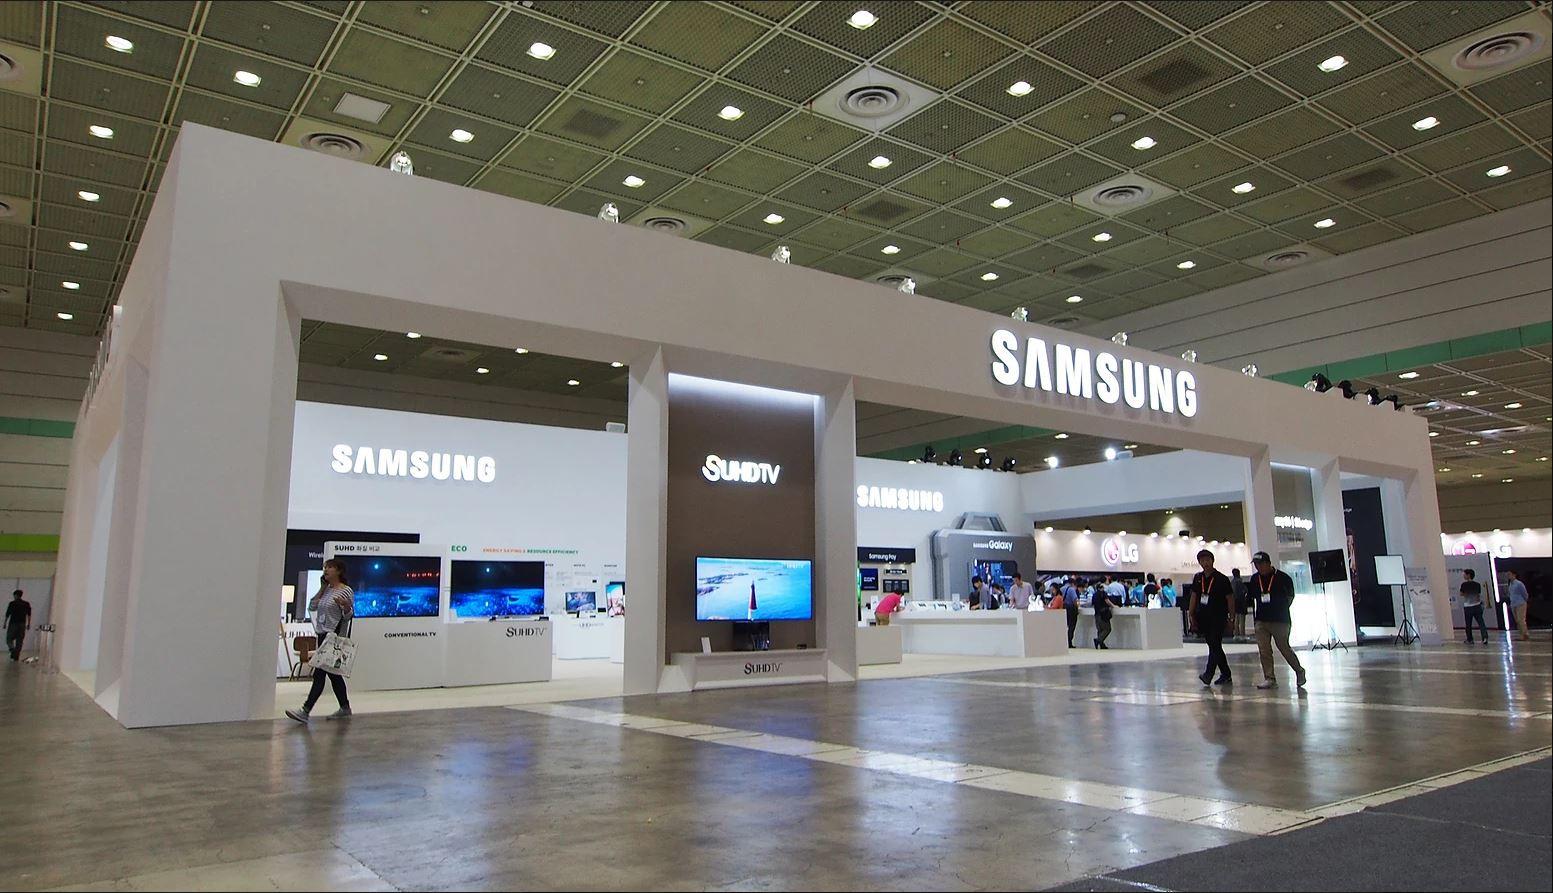 2015 World IT Show SAMSUNG